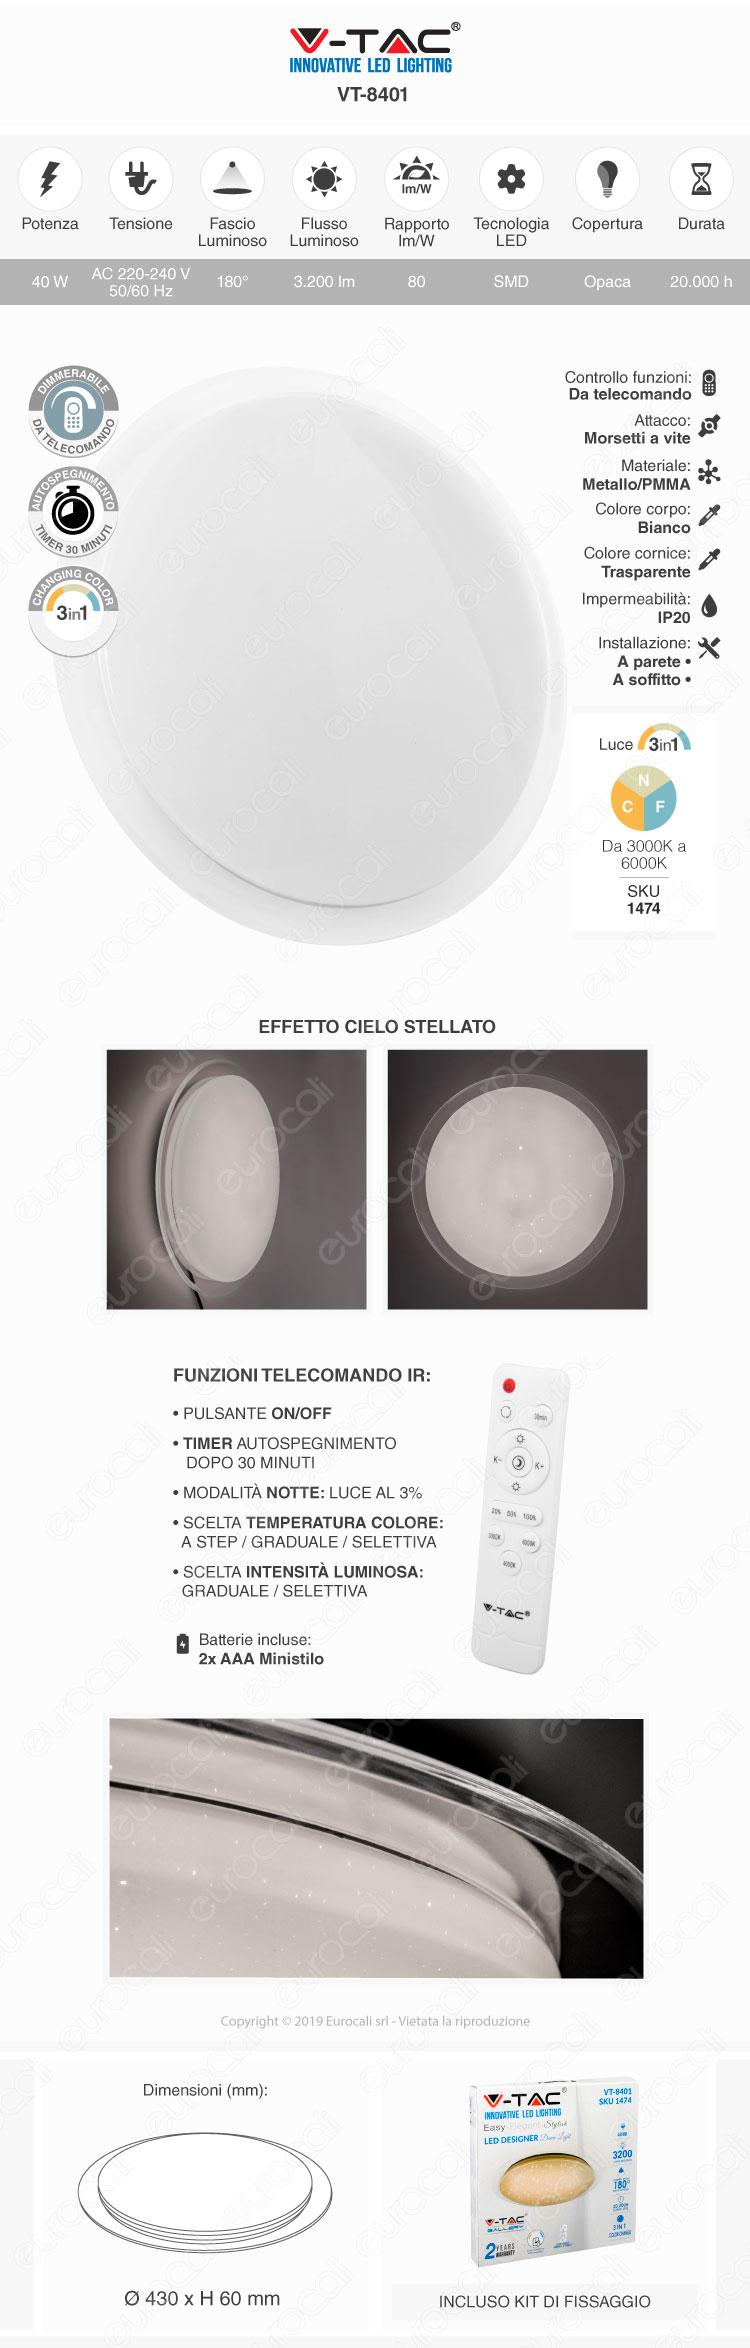 V-Tac VT-8401 Plafoniera LED 40W Forma Circolare Effetto Cielo Stellato con Telecomando